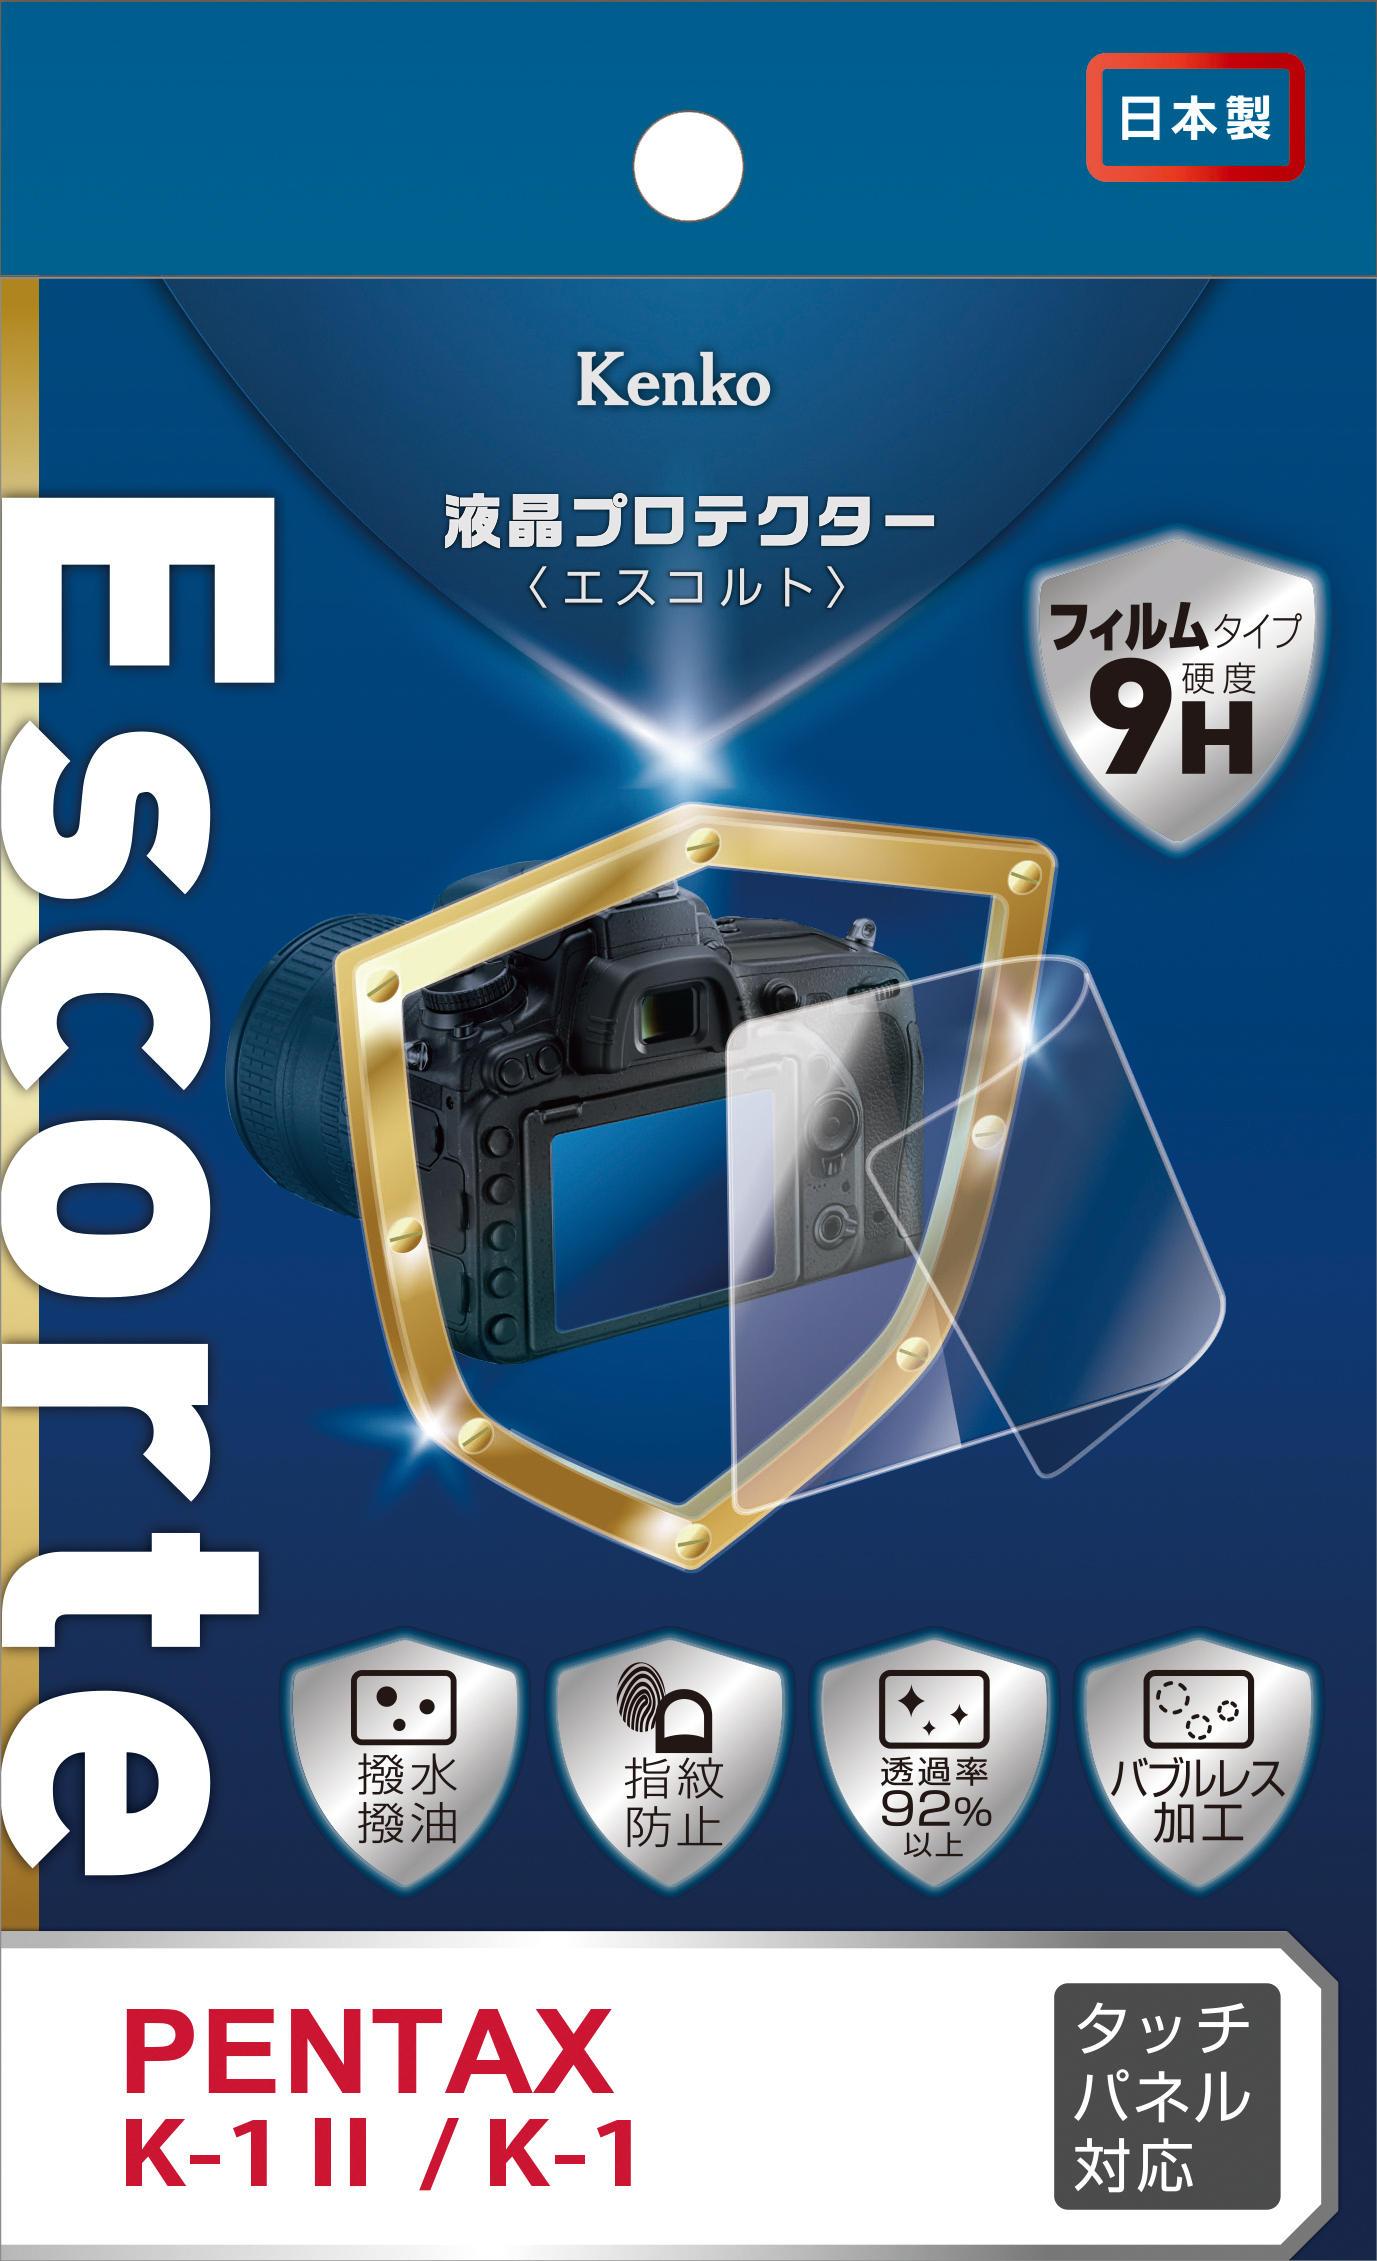 http://www.kenko-tokina.co.jp/imaging/eq/mt-images/4961607591703.jpg